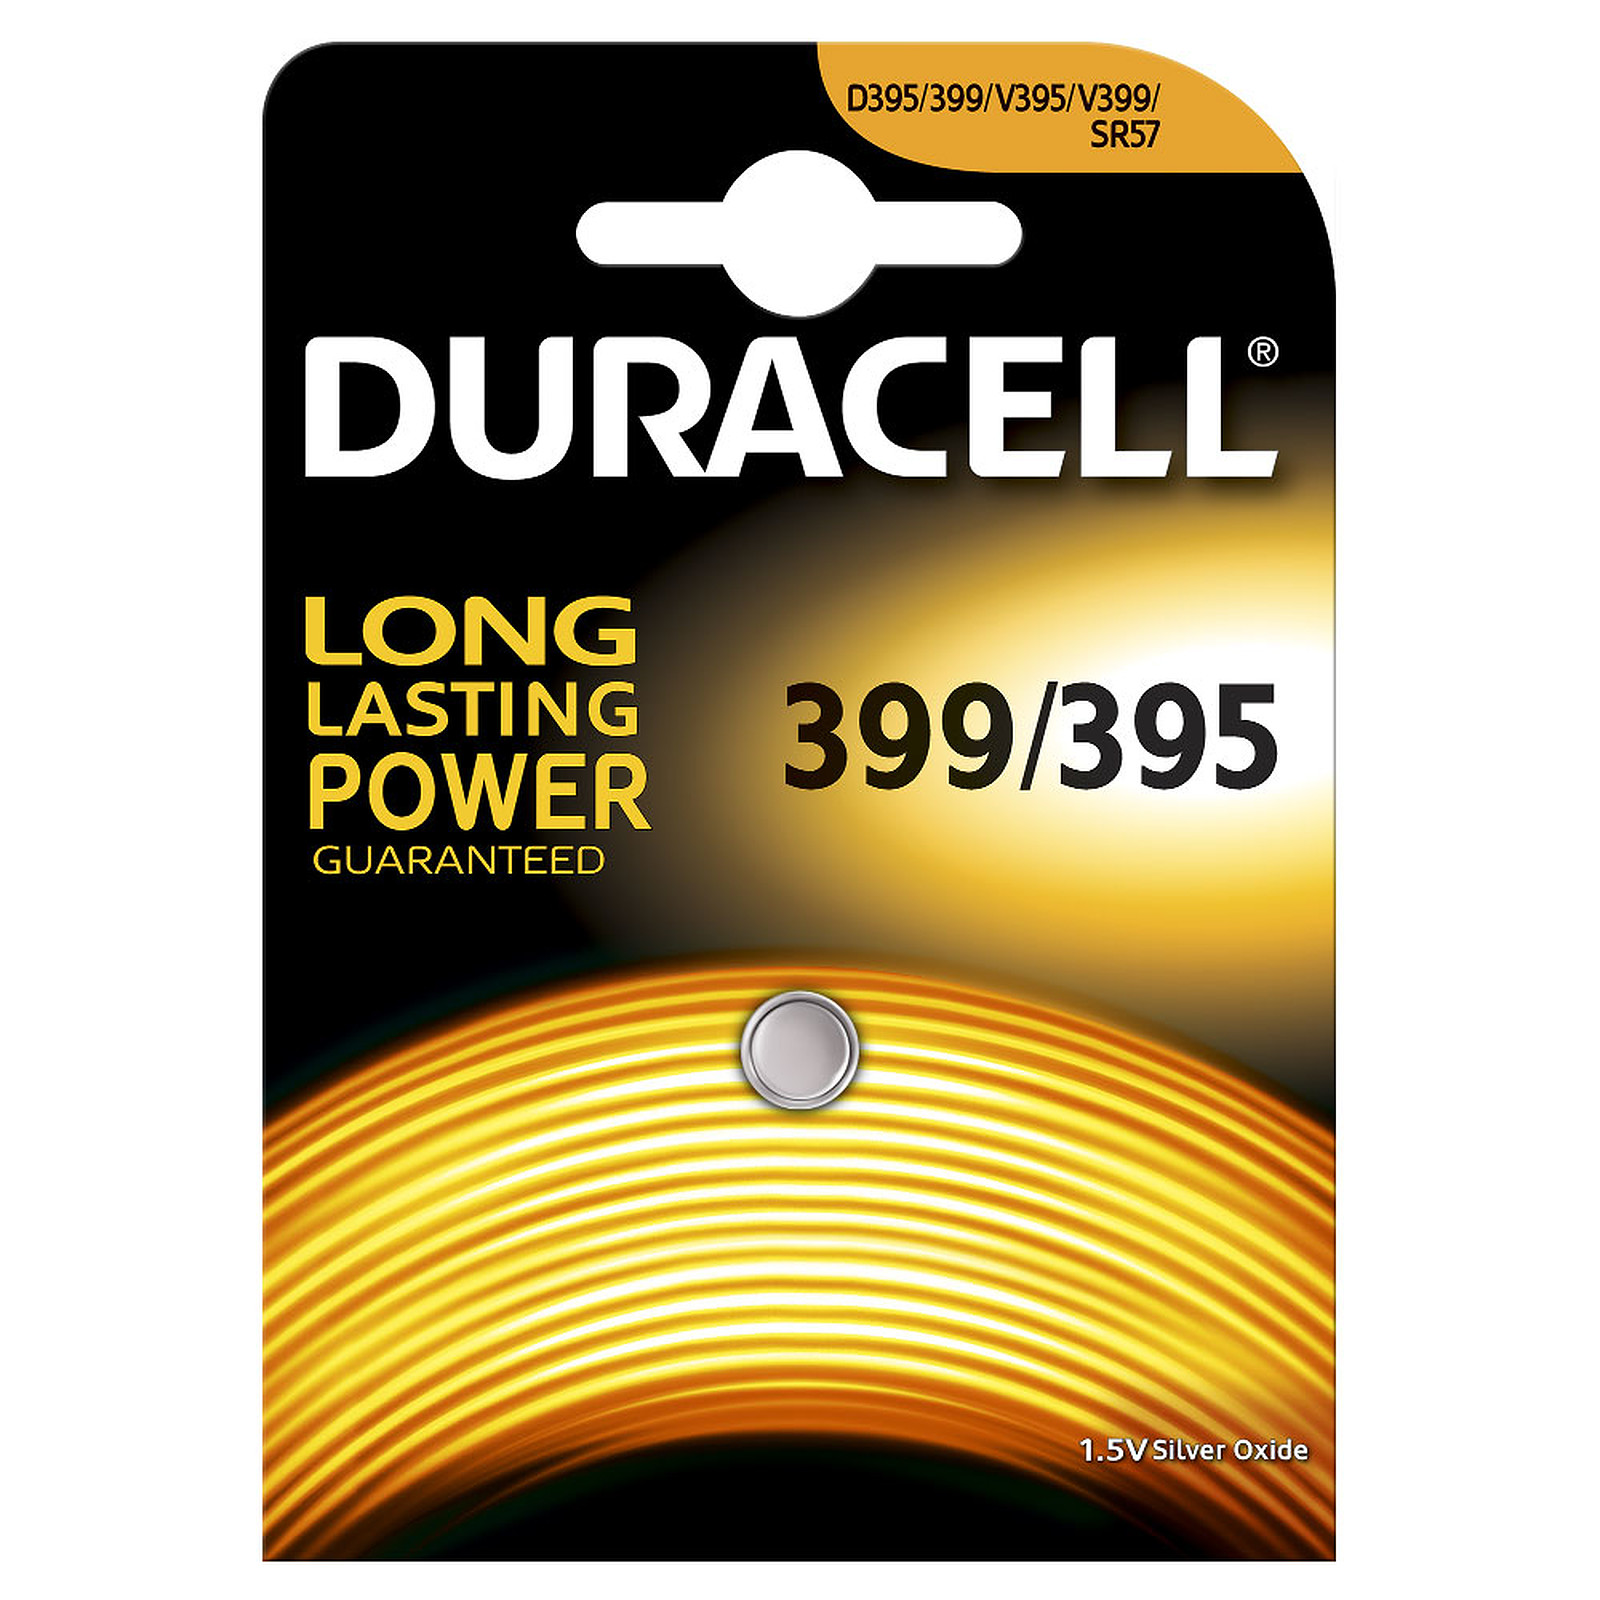 Duracell 399/395 1.5V